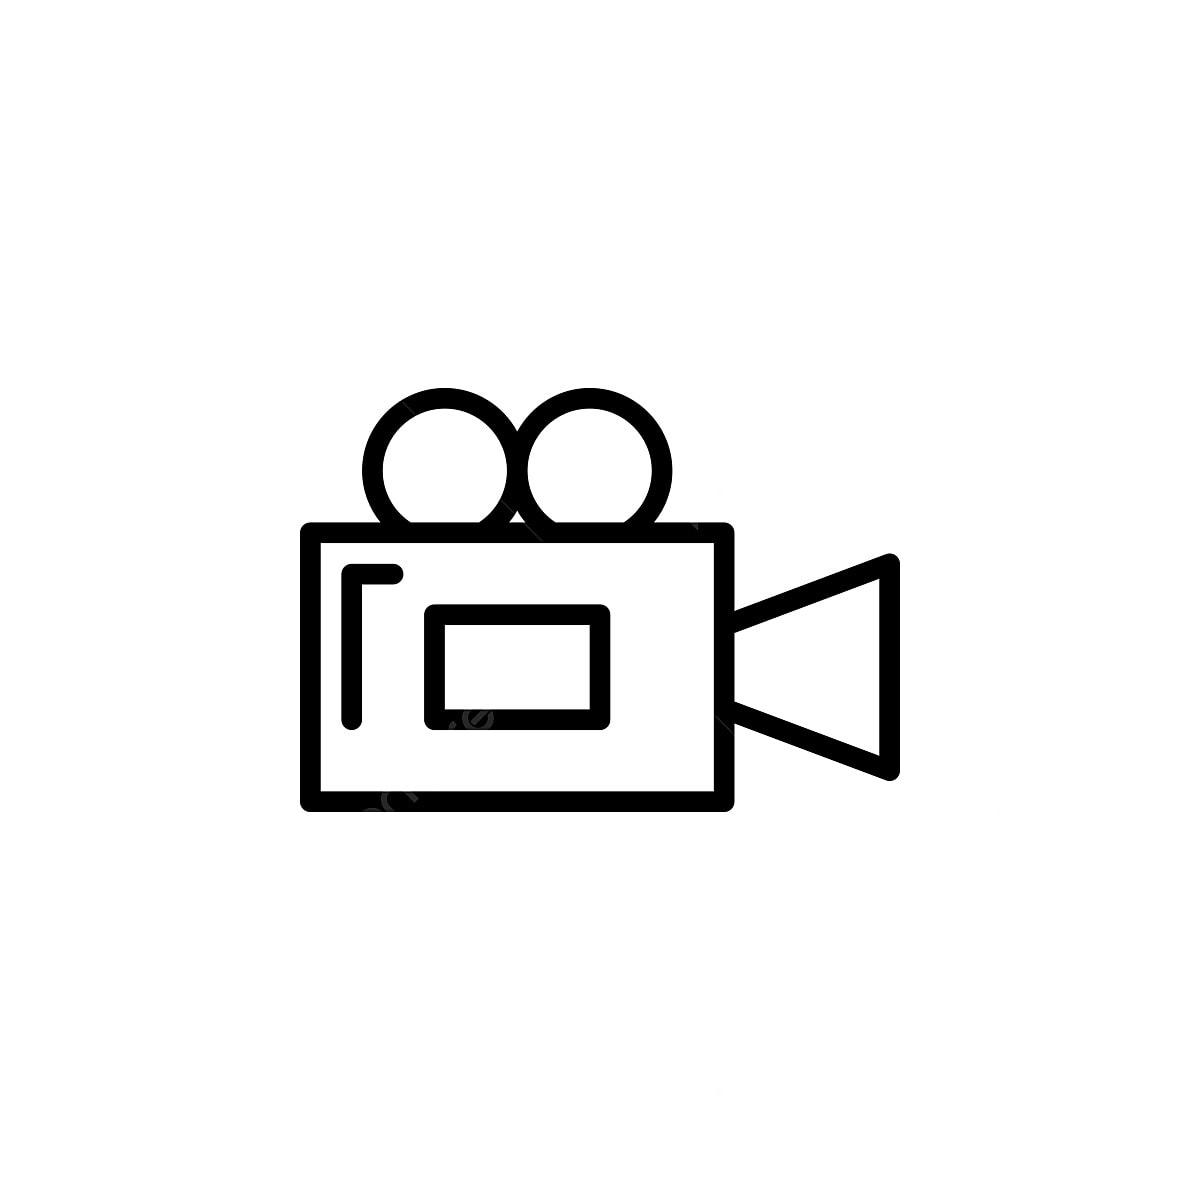 Camara De Cine De Ilustracion Vectorial En Icono De Estilo De